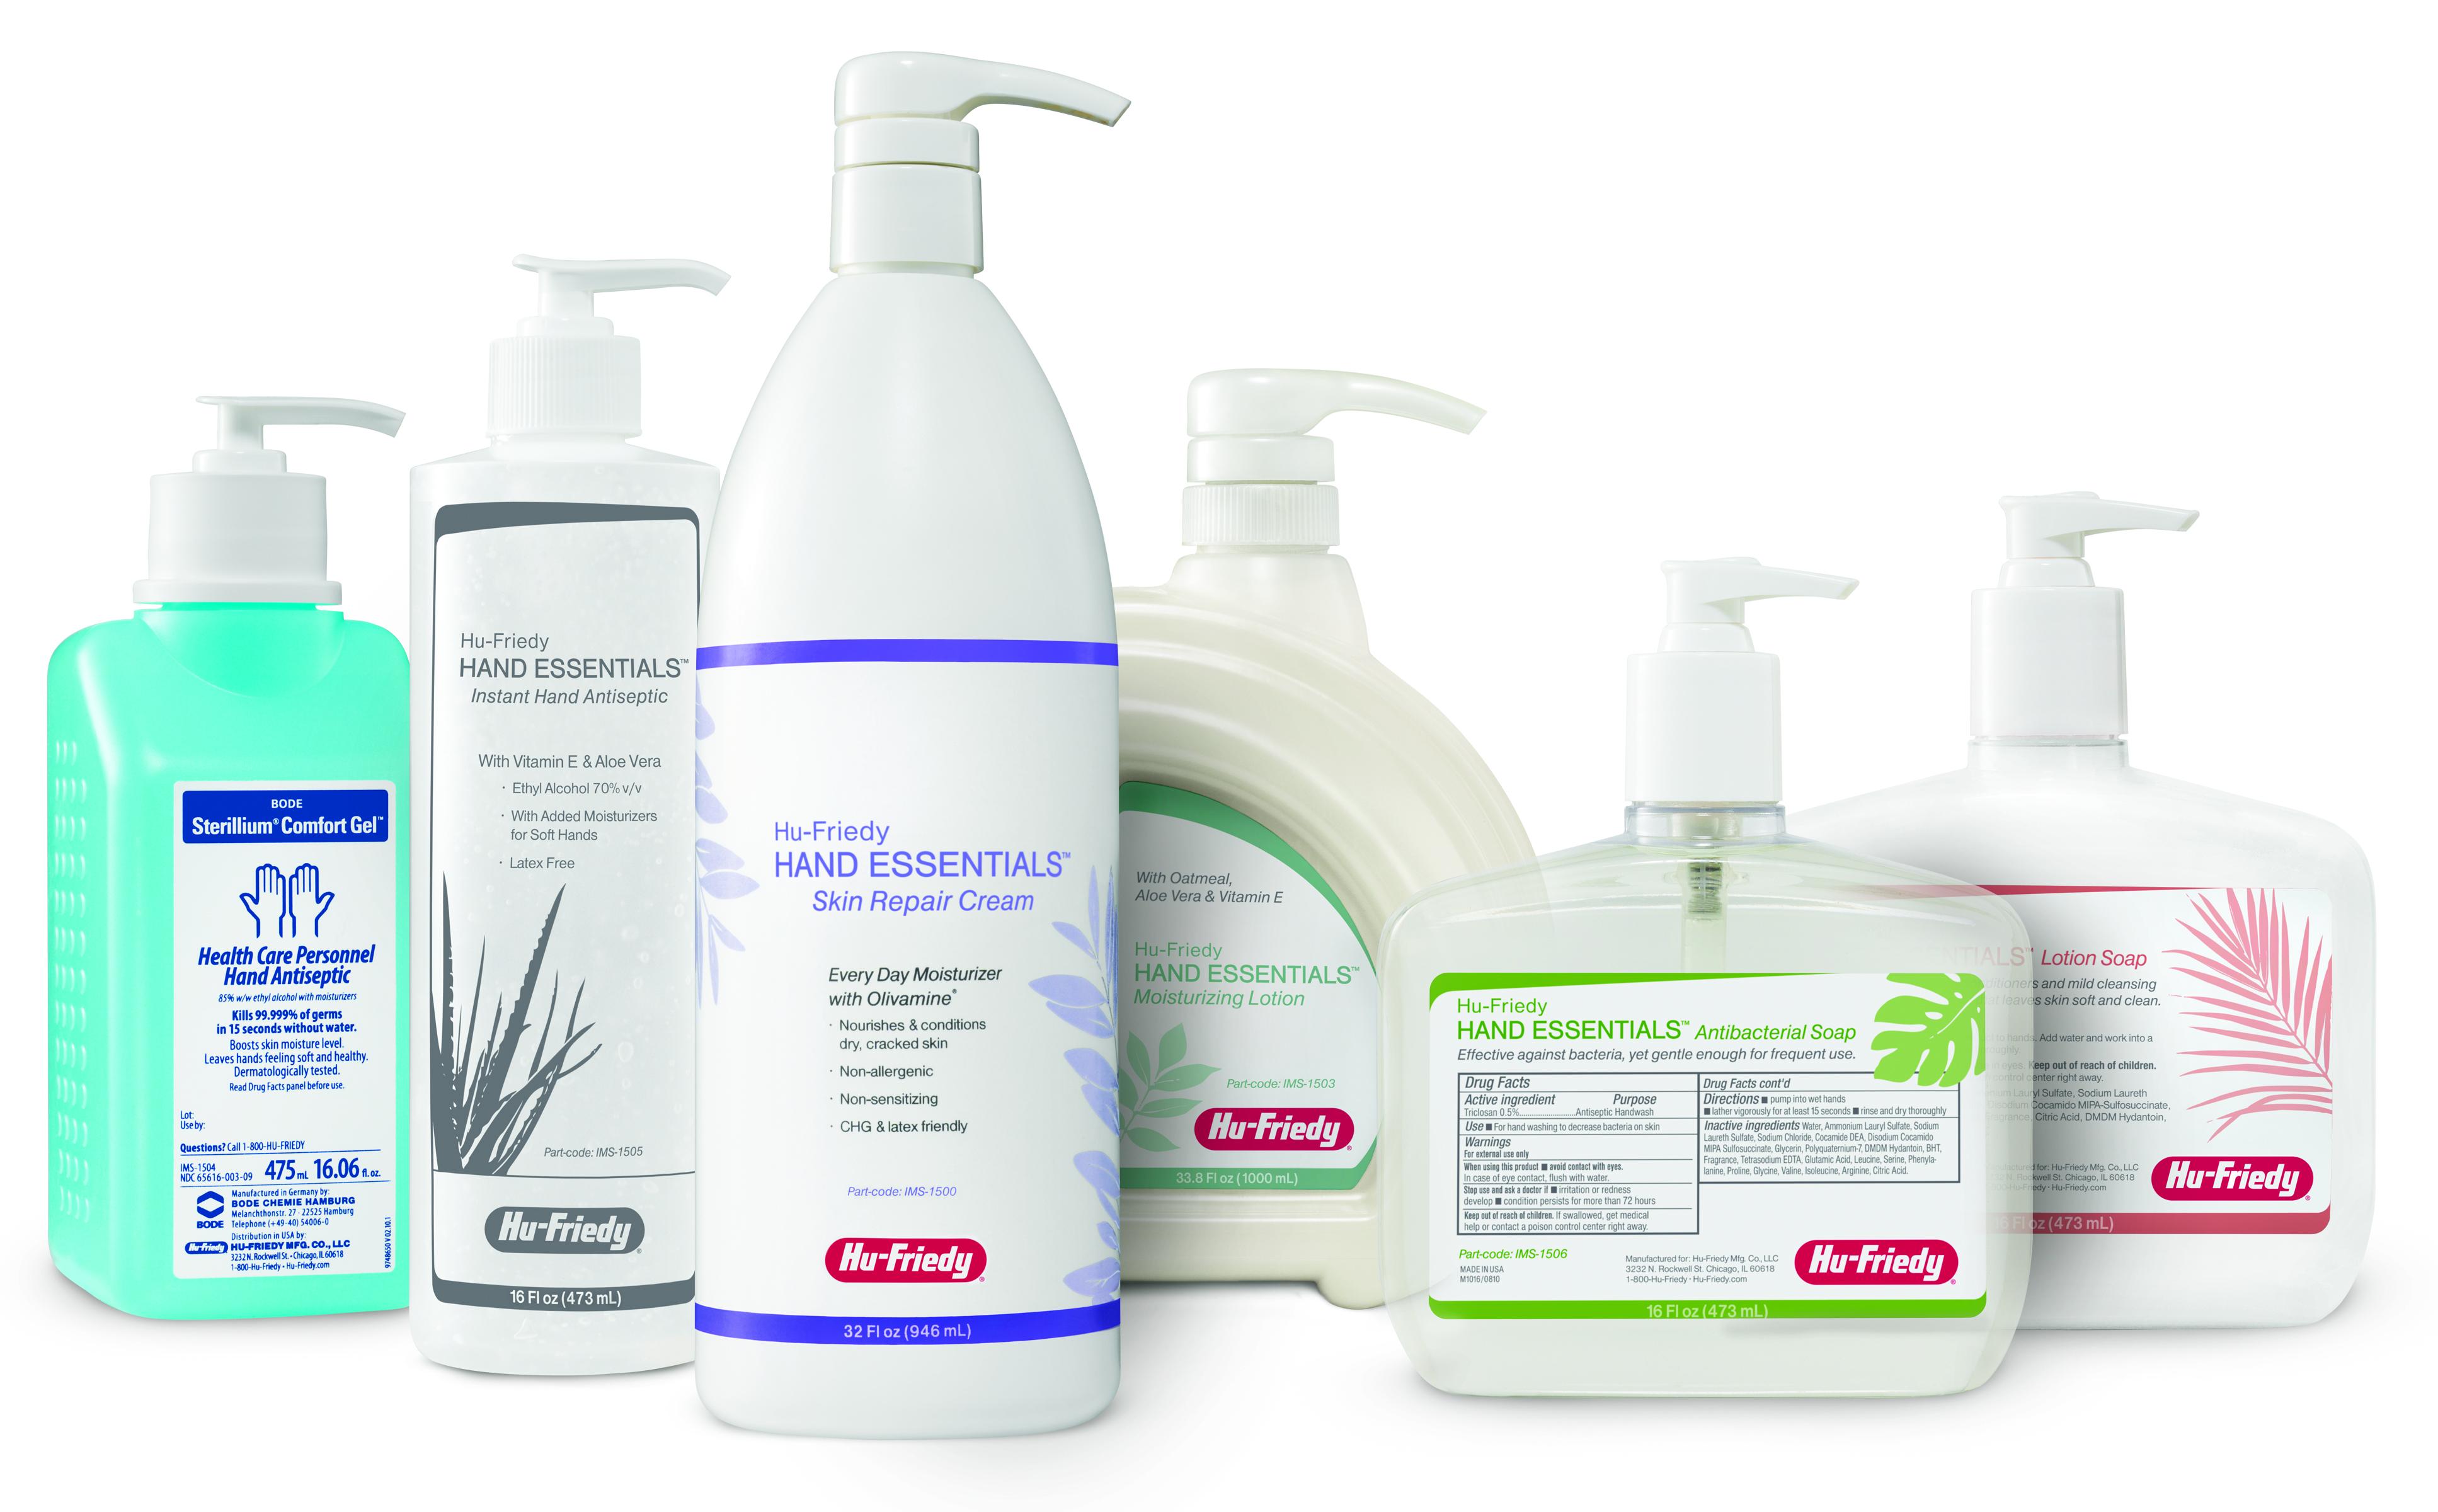 Hand Essentials Personal Hygiene Line